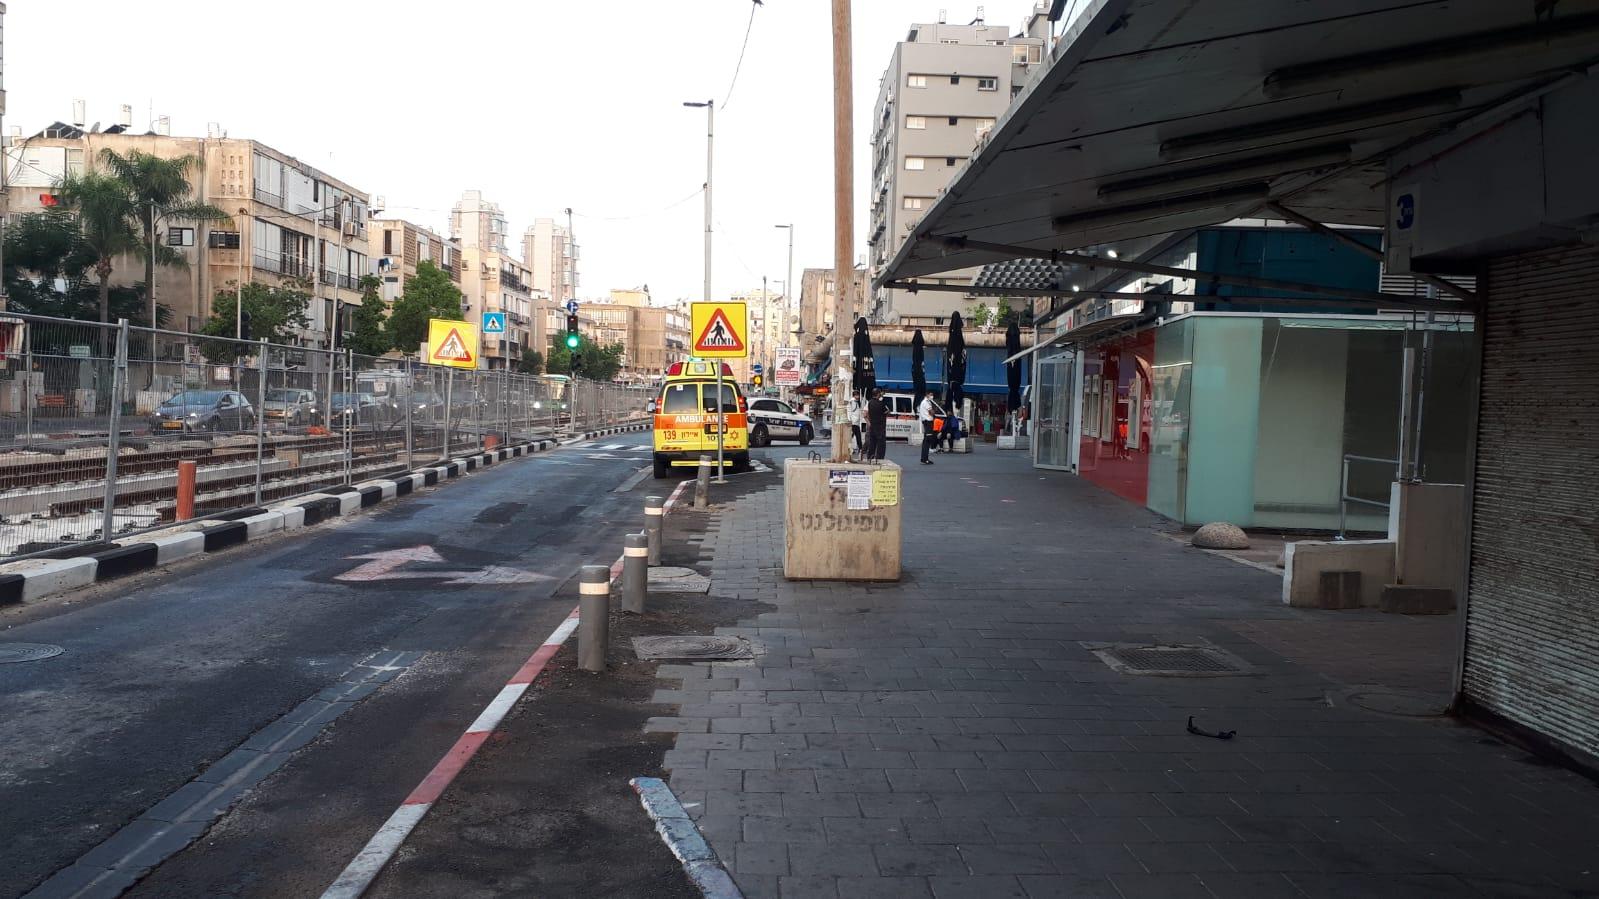 רחוב כביש תאונה אמבולנס צילום תיעוד מבצעי מדא